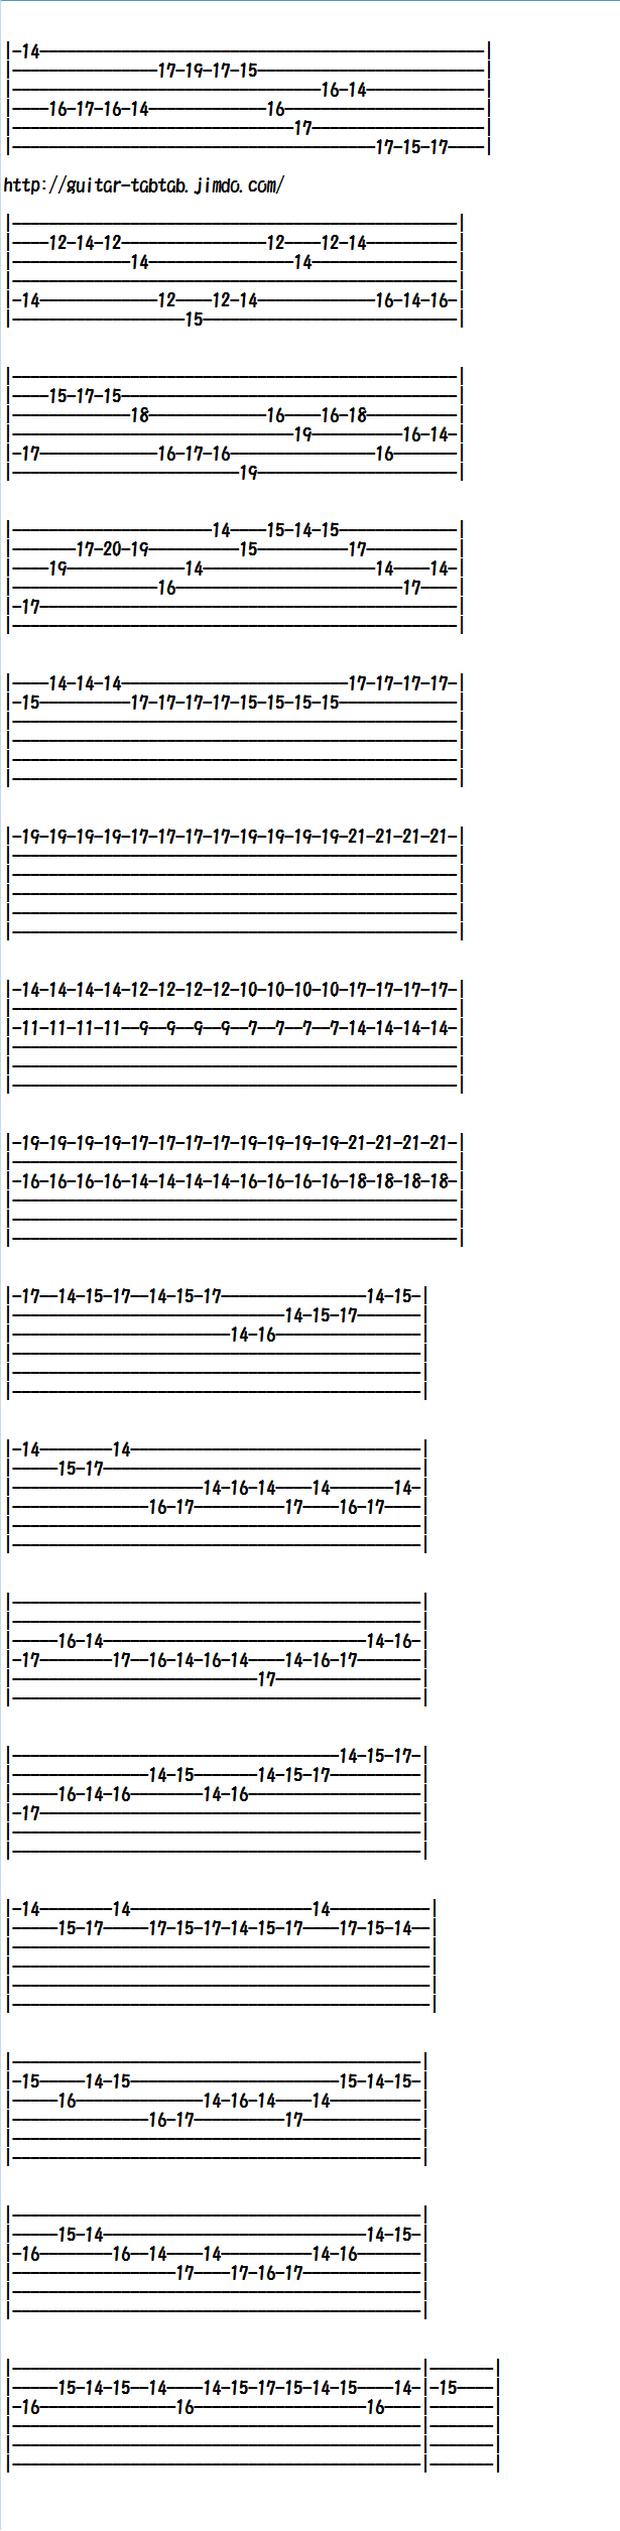 エレキギター無料楽譜(タブ譜)カノン、カノンロック(後半)